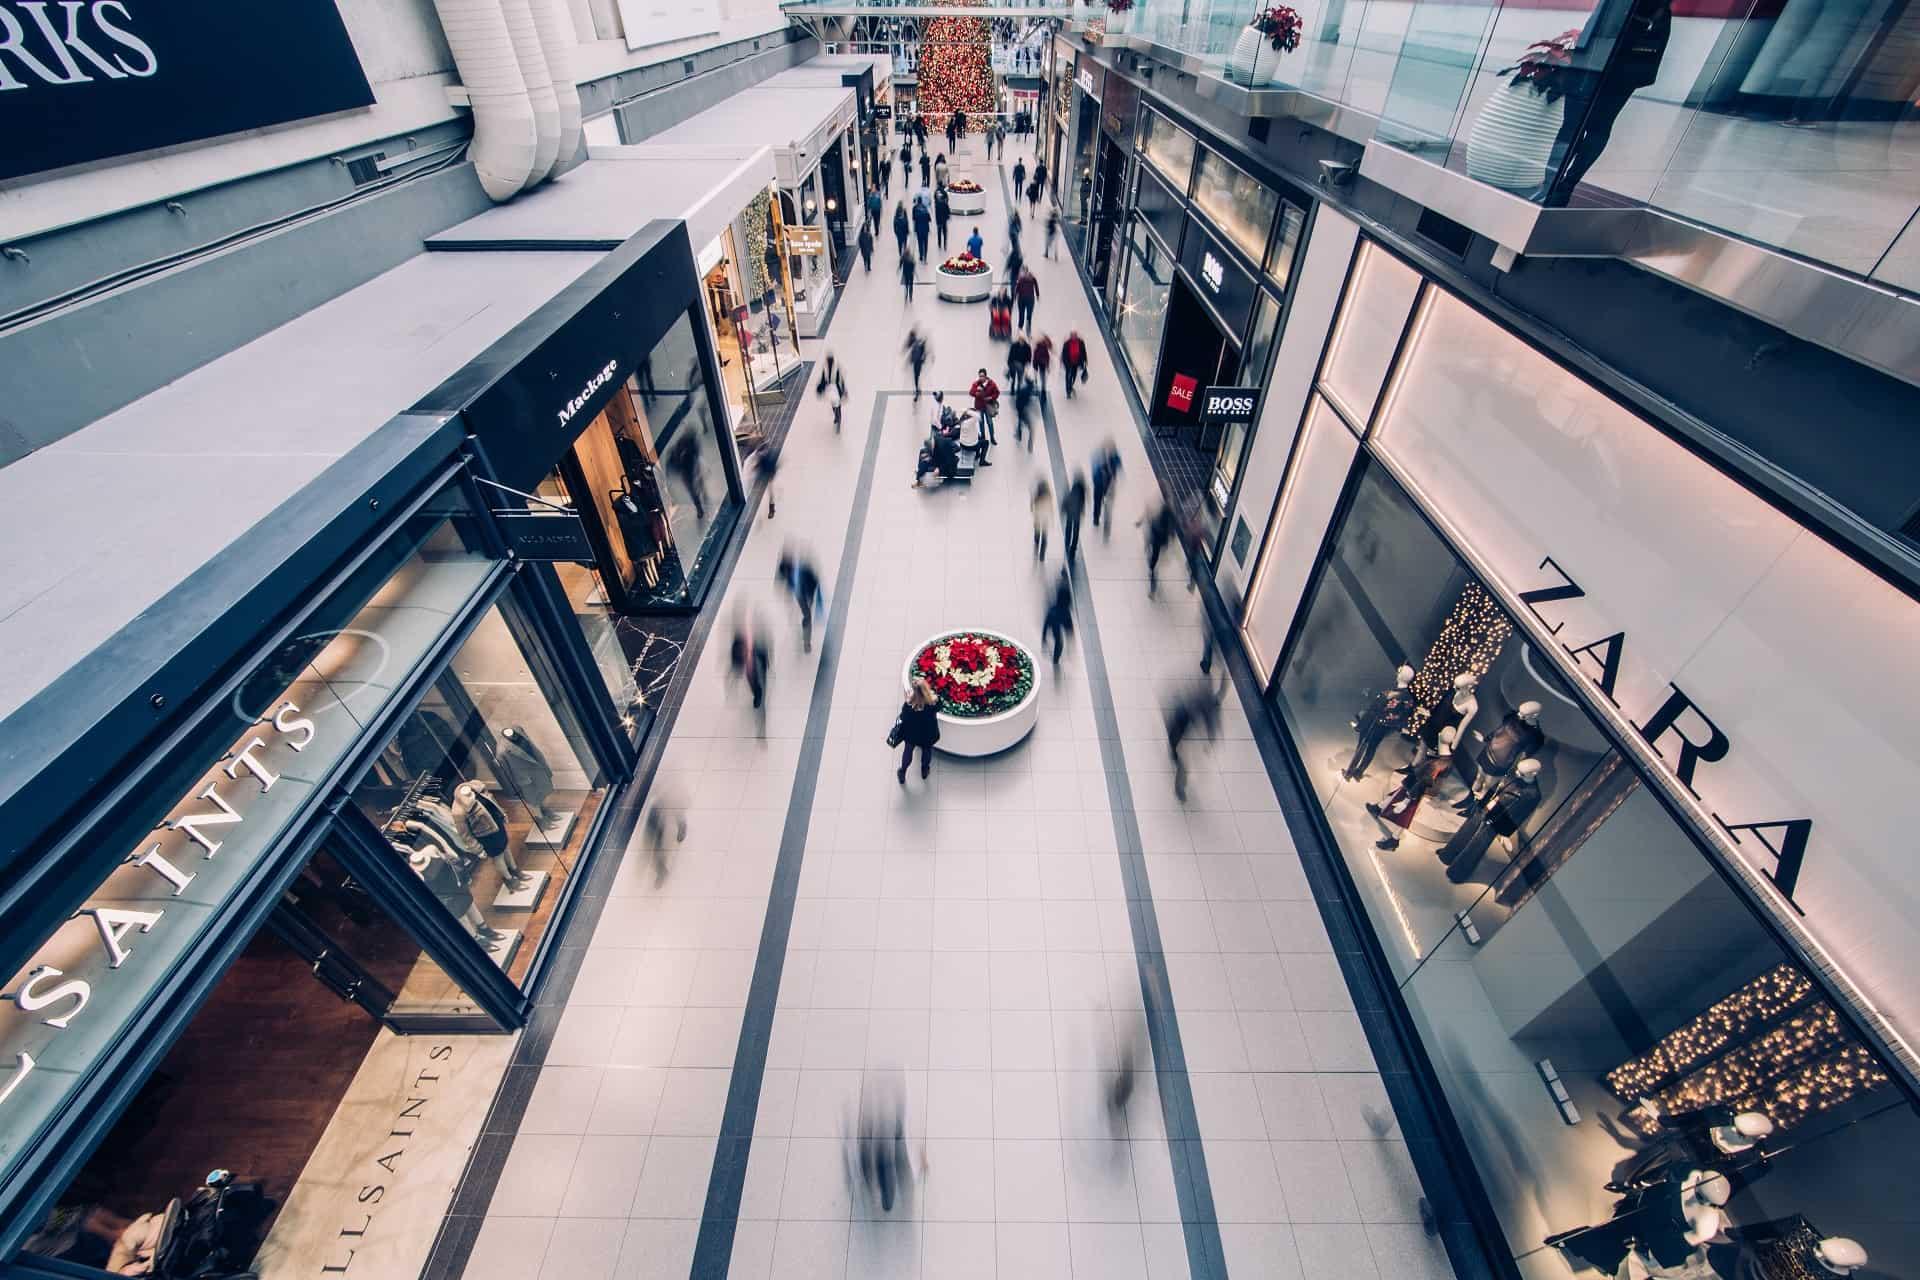 Konsumverhalten und Marketing – zwei ungleiche Schwestern